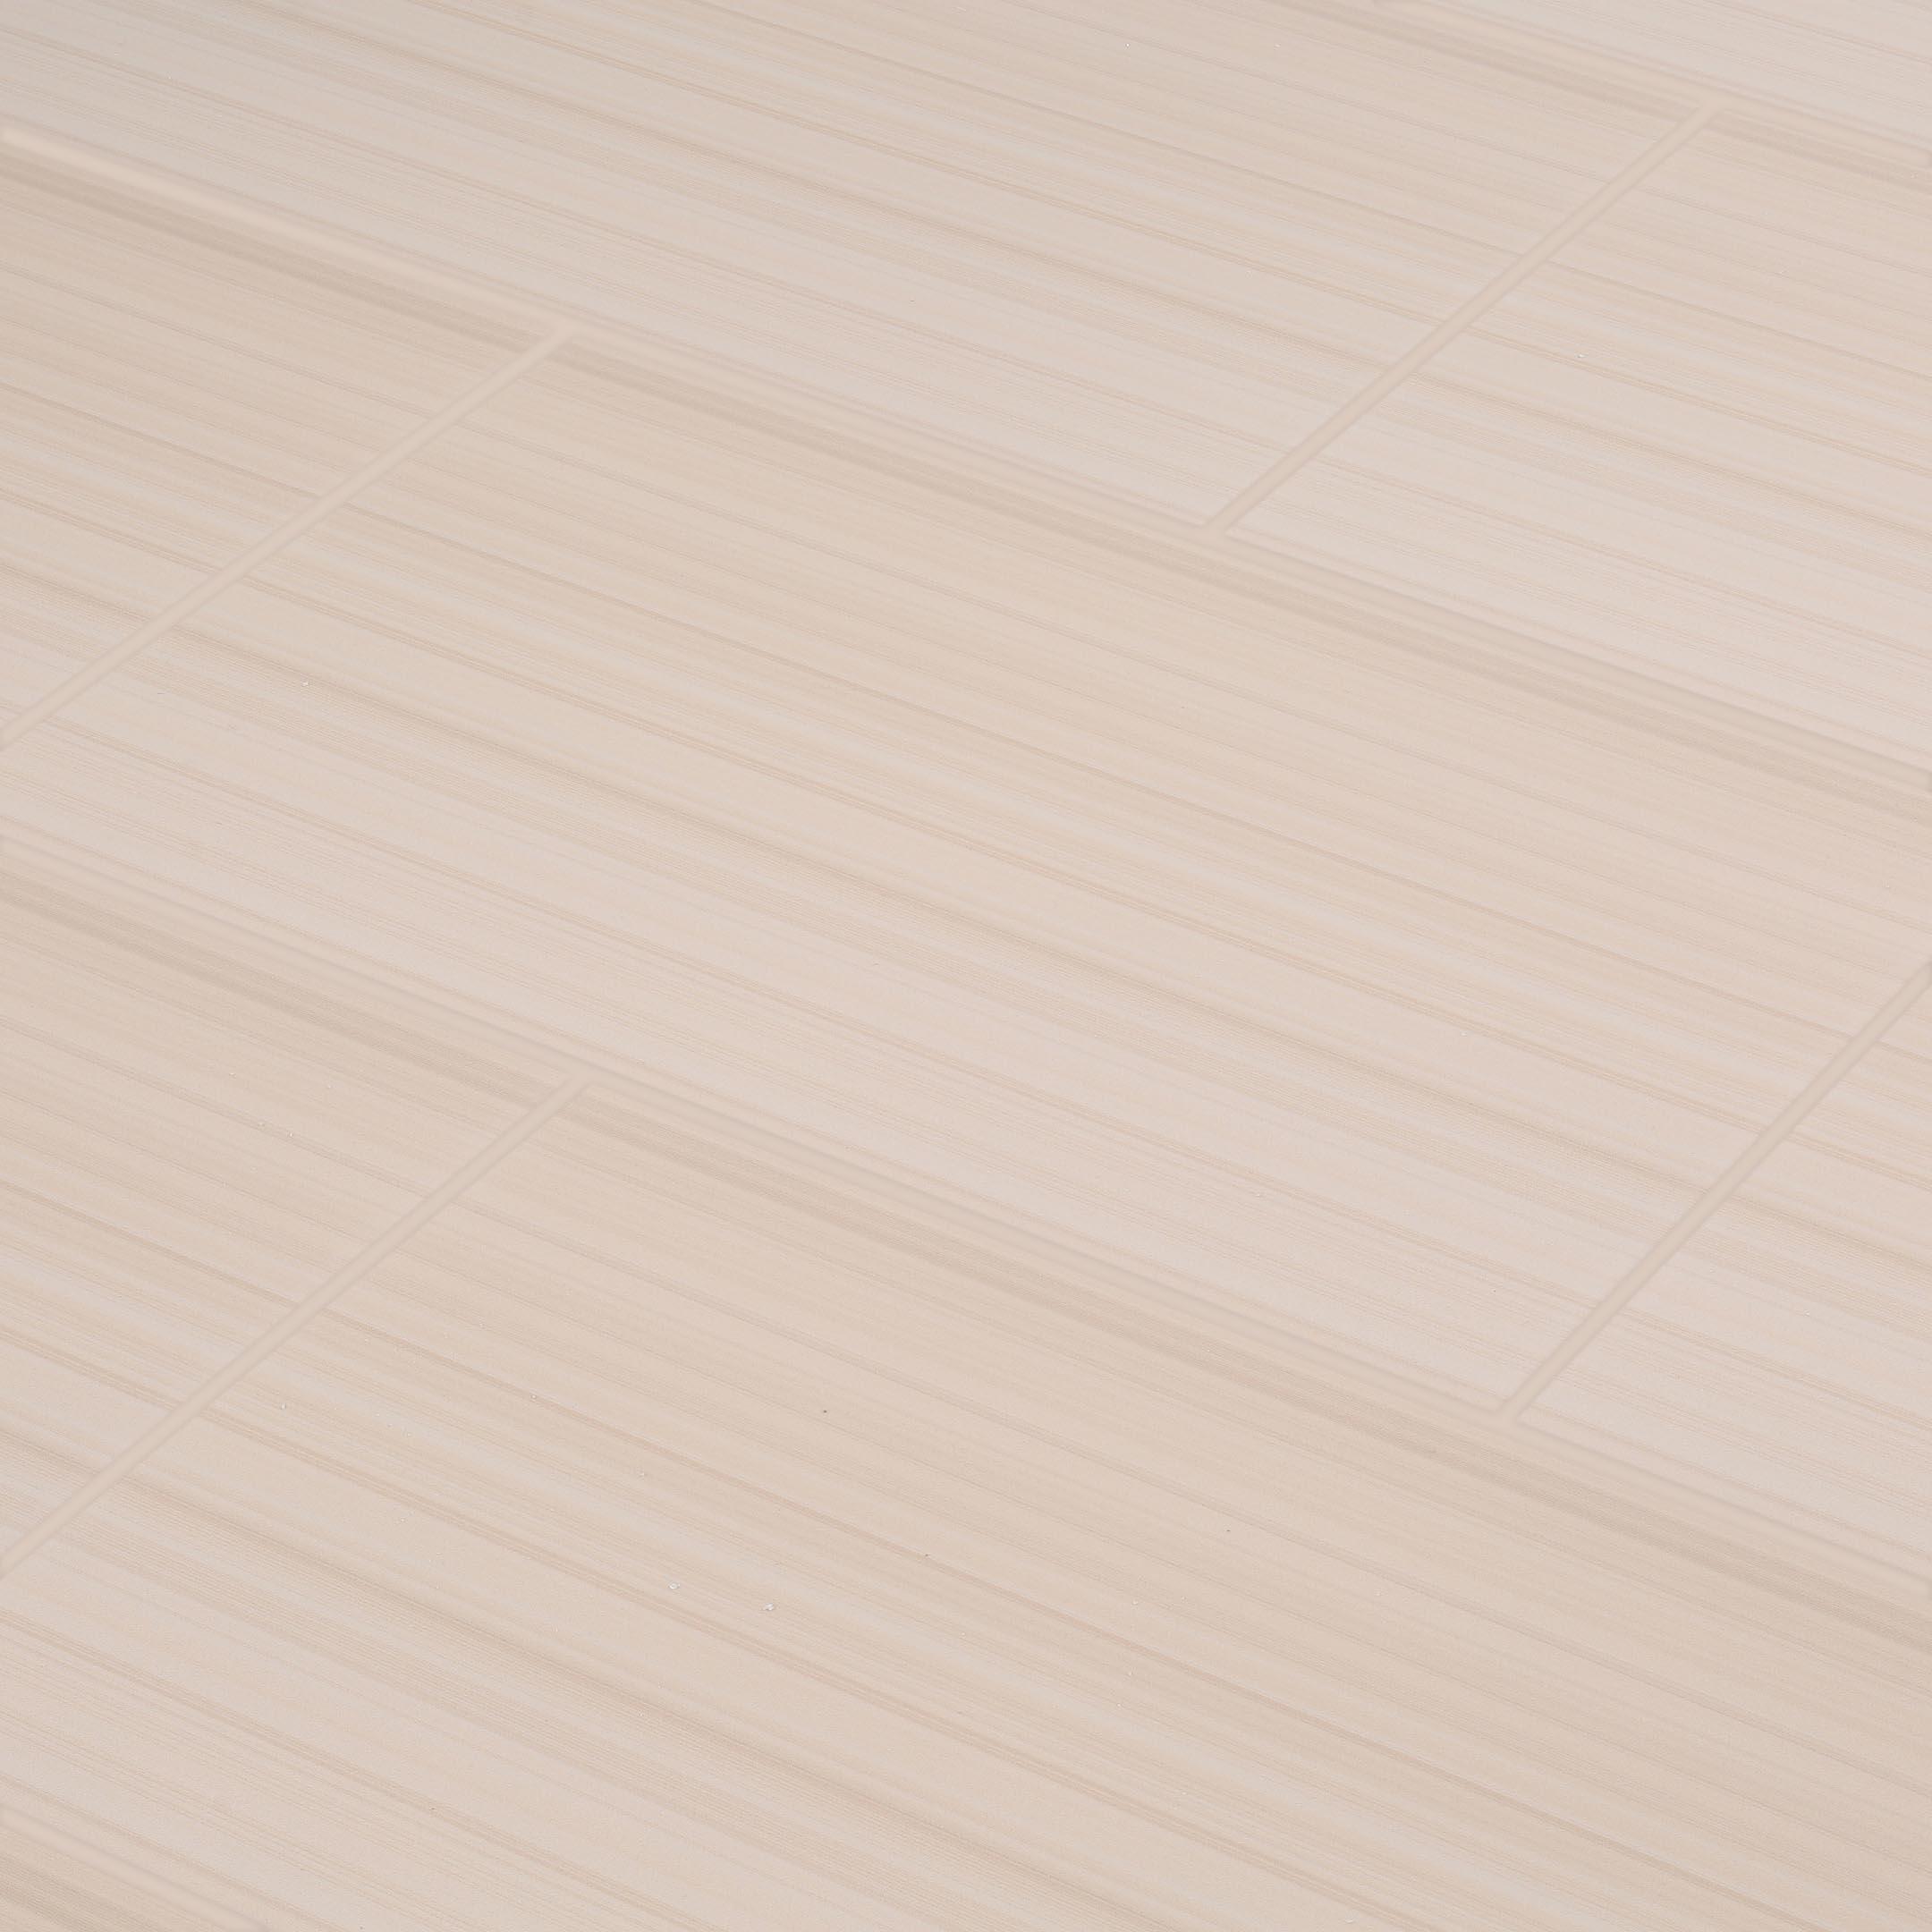 Плитка облицовочная Нефрит-Керамика Кензо бежевая 250x400x8 мм (15 шт.=1,5 кв.м)